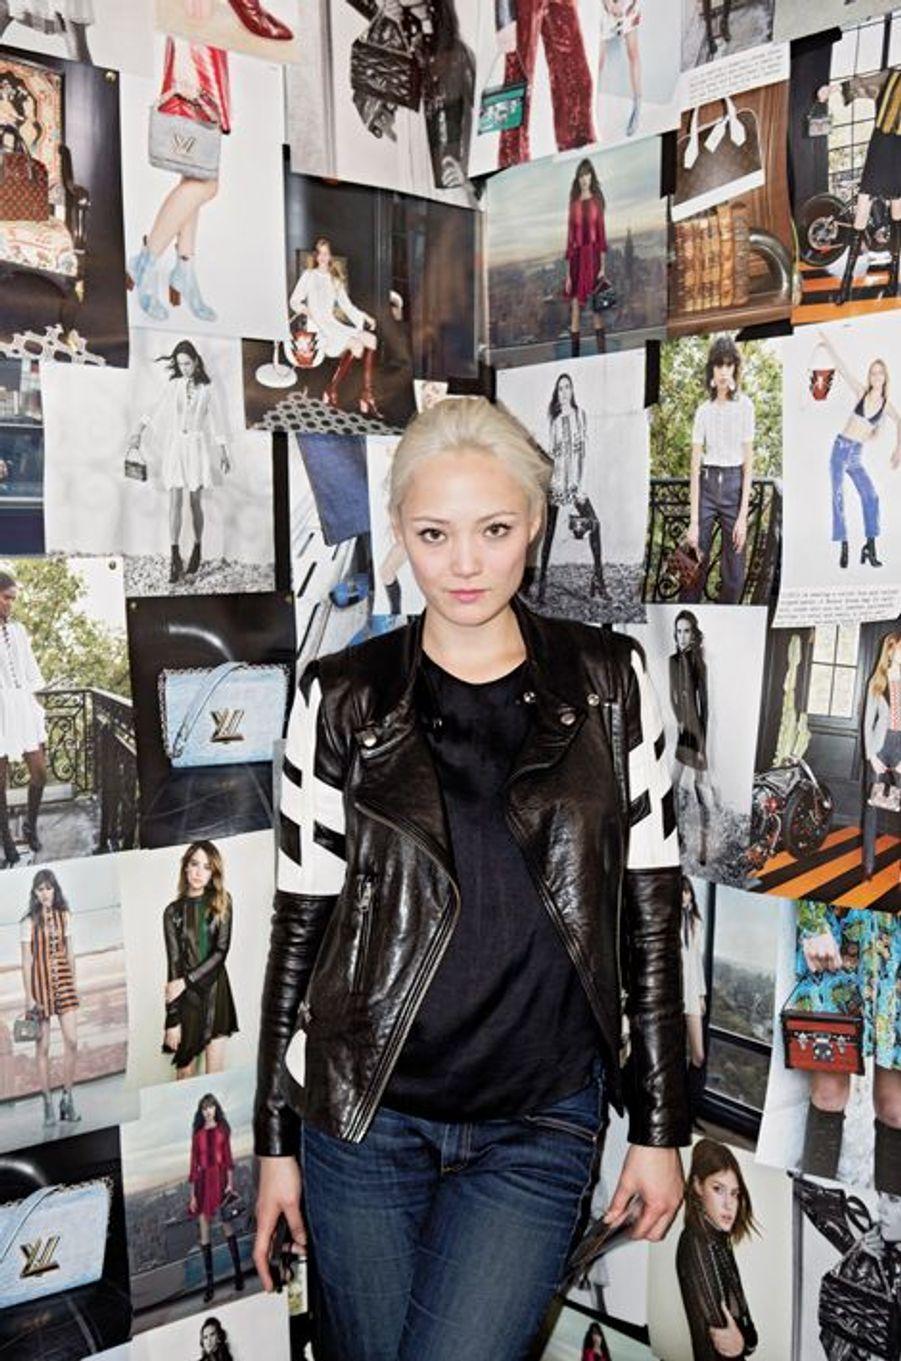 La comédienne française Pom Klementieff dans la salle aux affiches tapissée de photographies de Jürgen Teller et d'Annie Leibovitz.